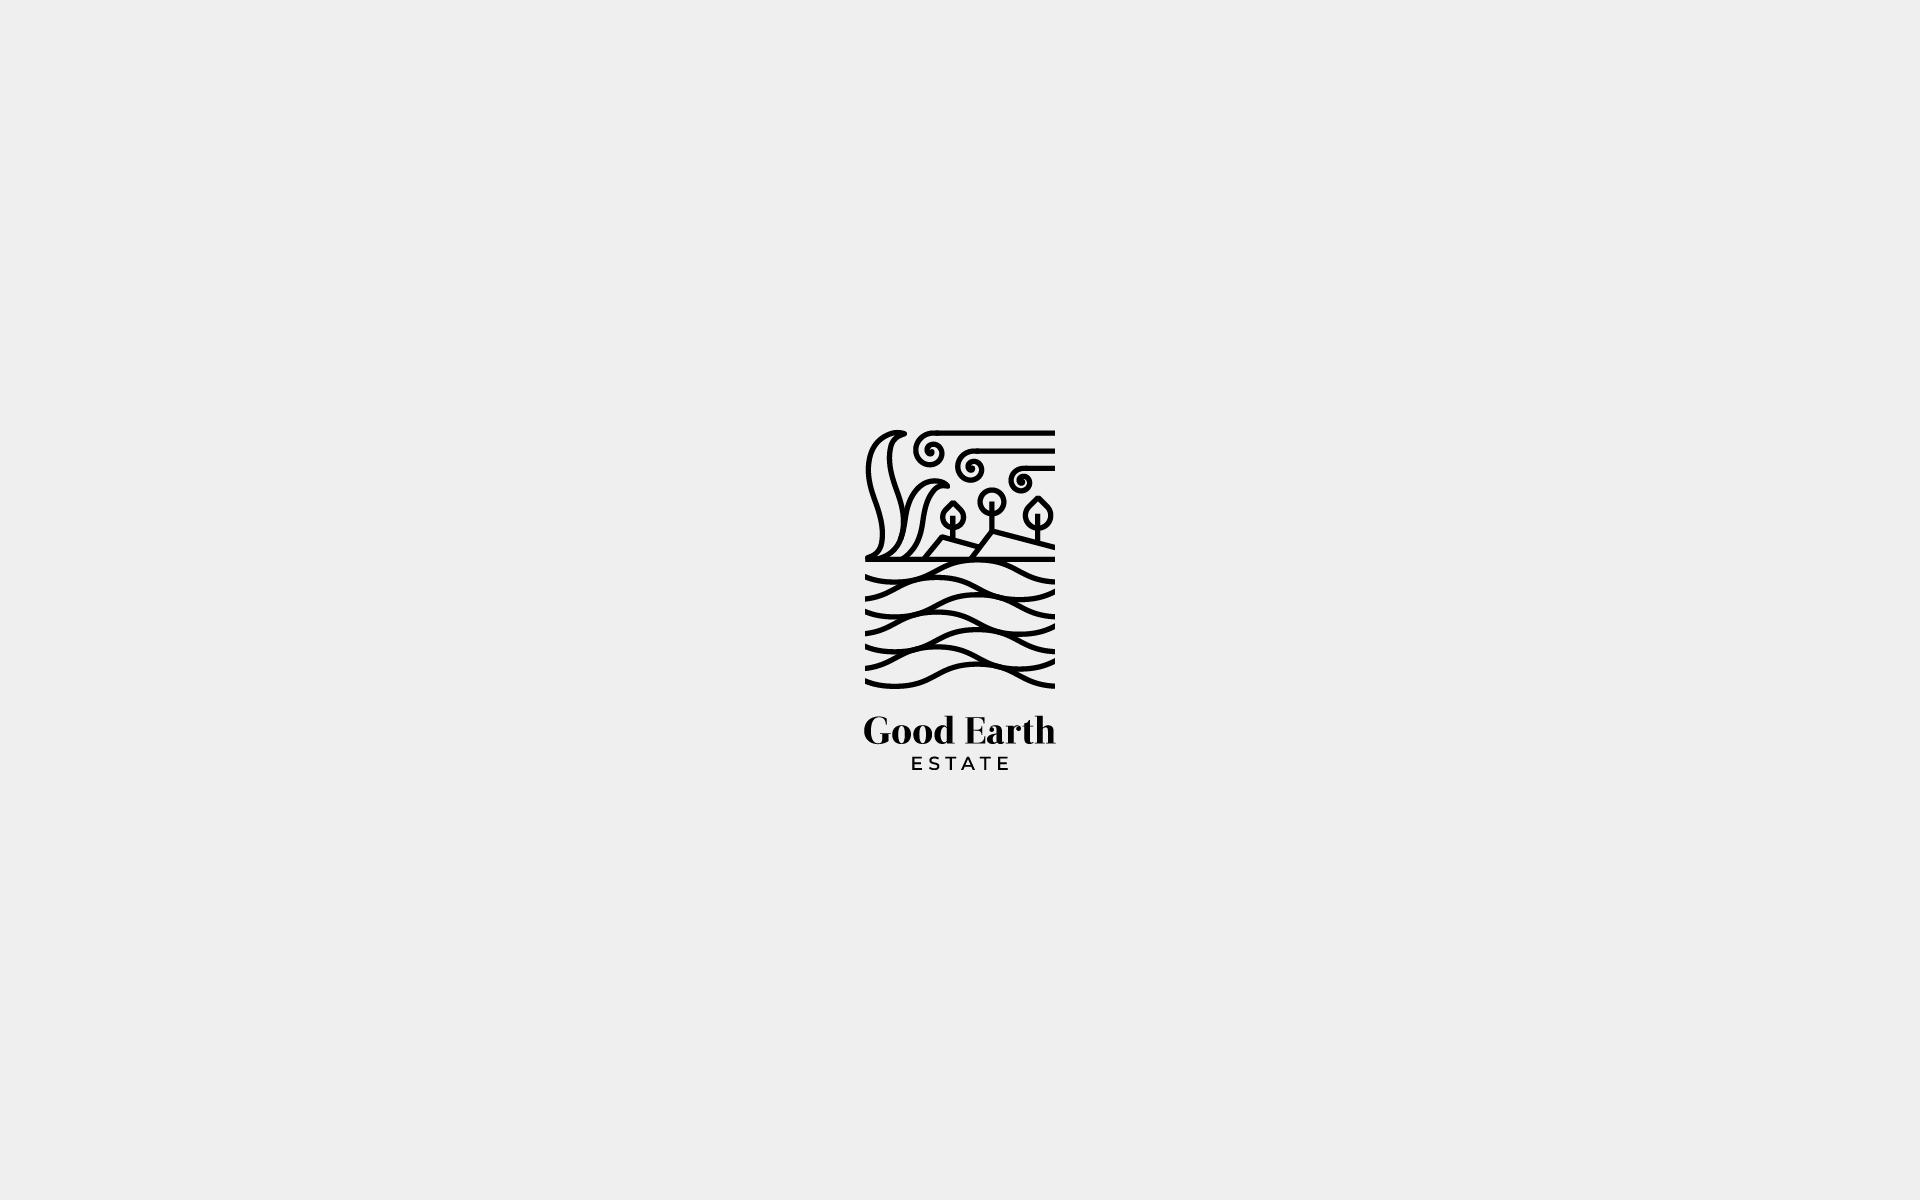 """Bộ logo cực chất của """"Sumesh A K"""""""